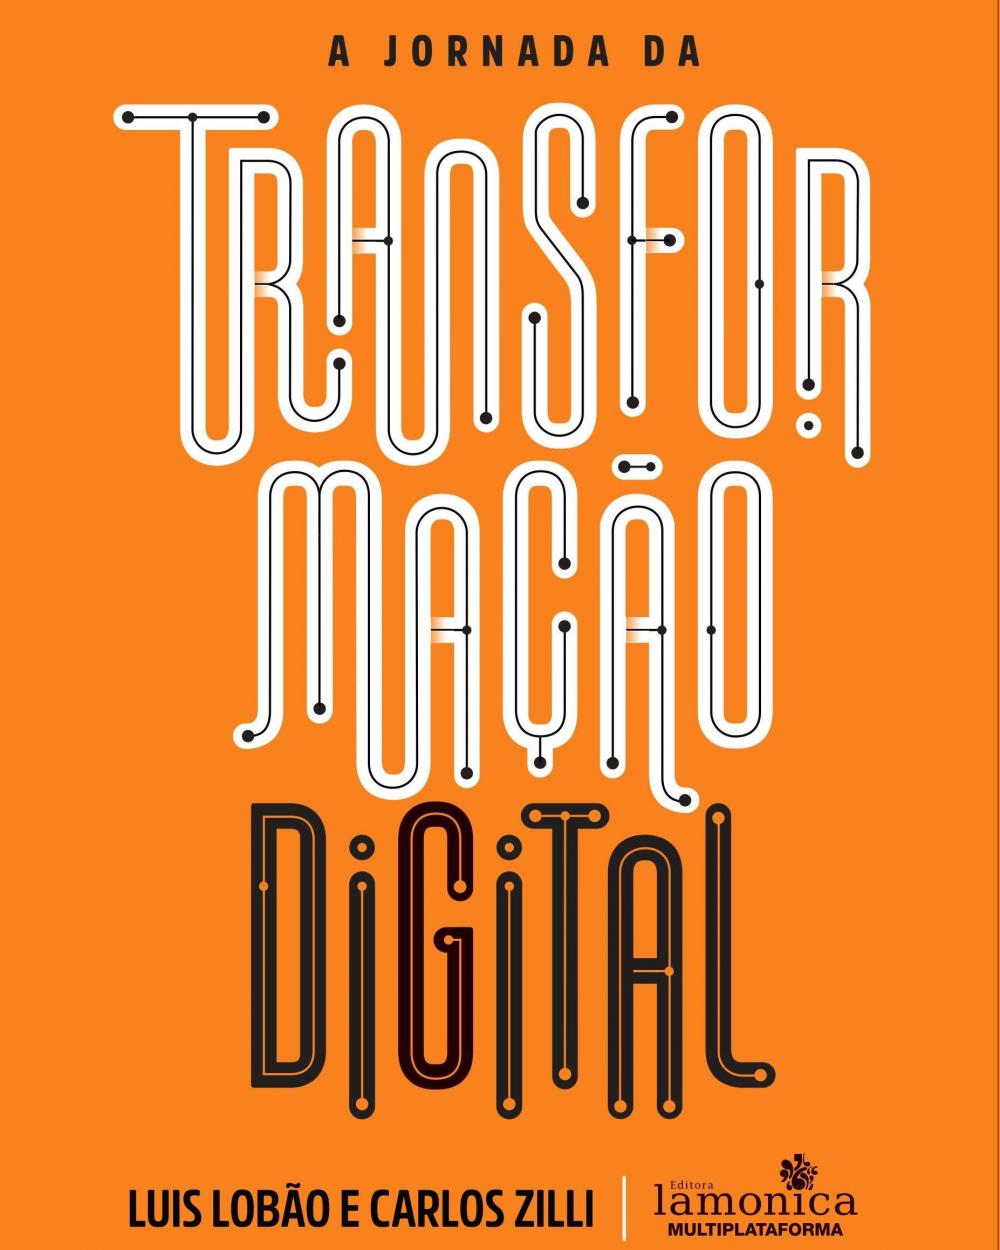 A jornada da transformação digital, livro de Luis Lobão e Carlos Zilli, chega ao mercado